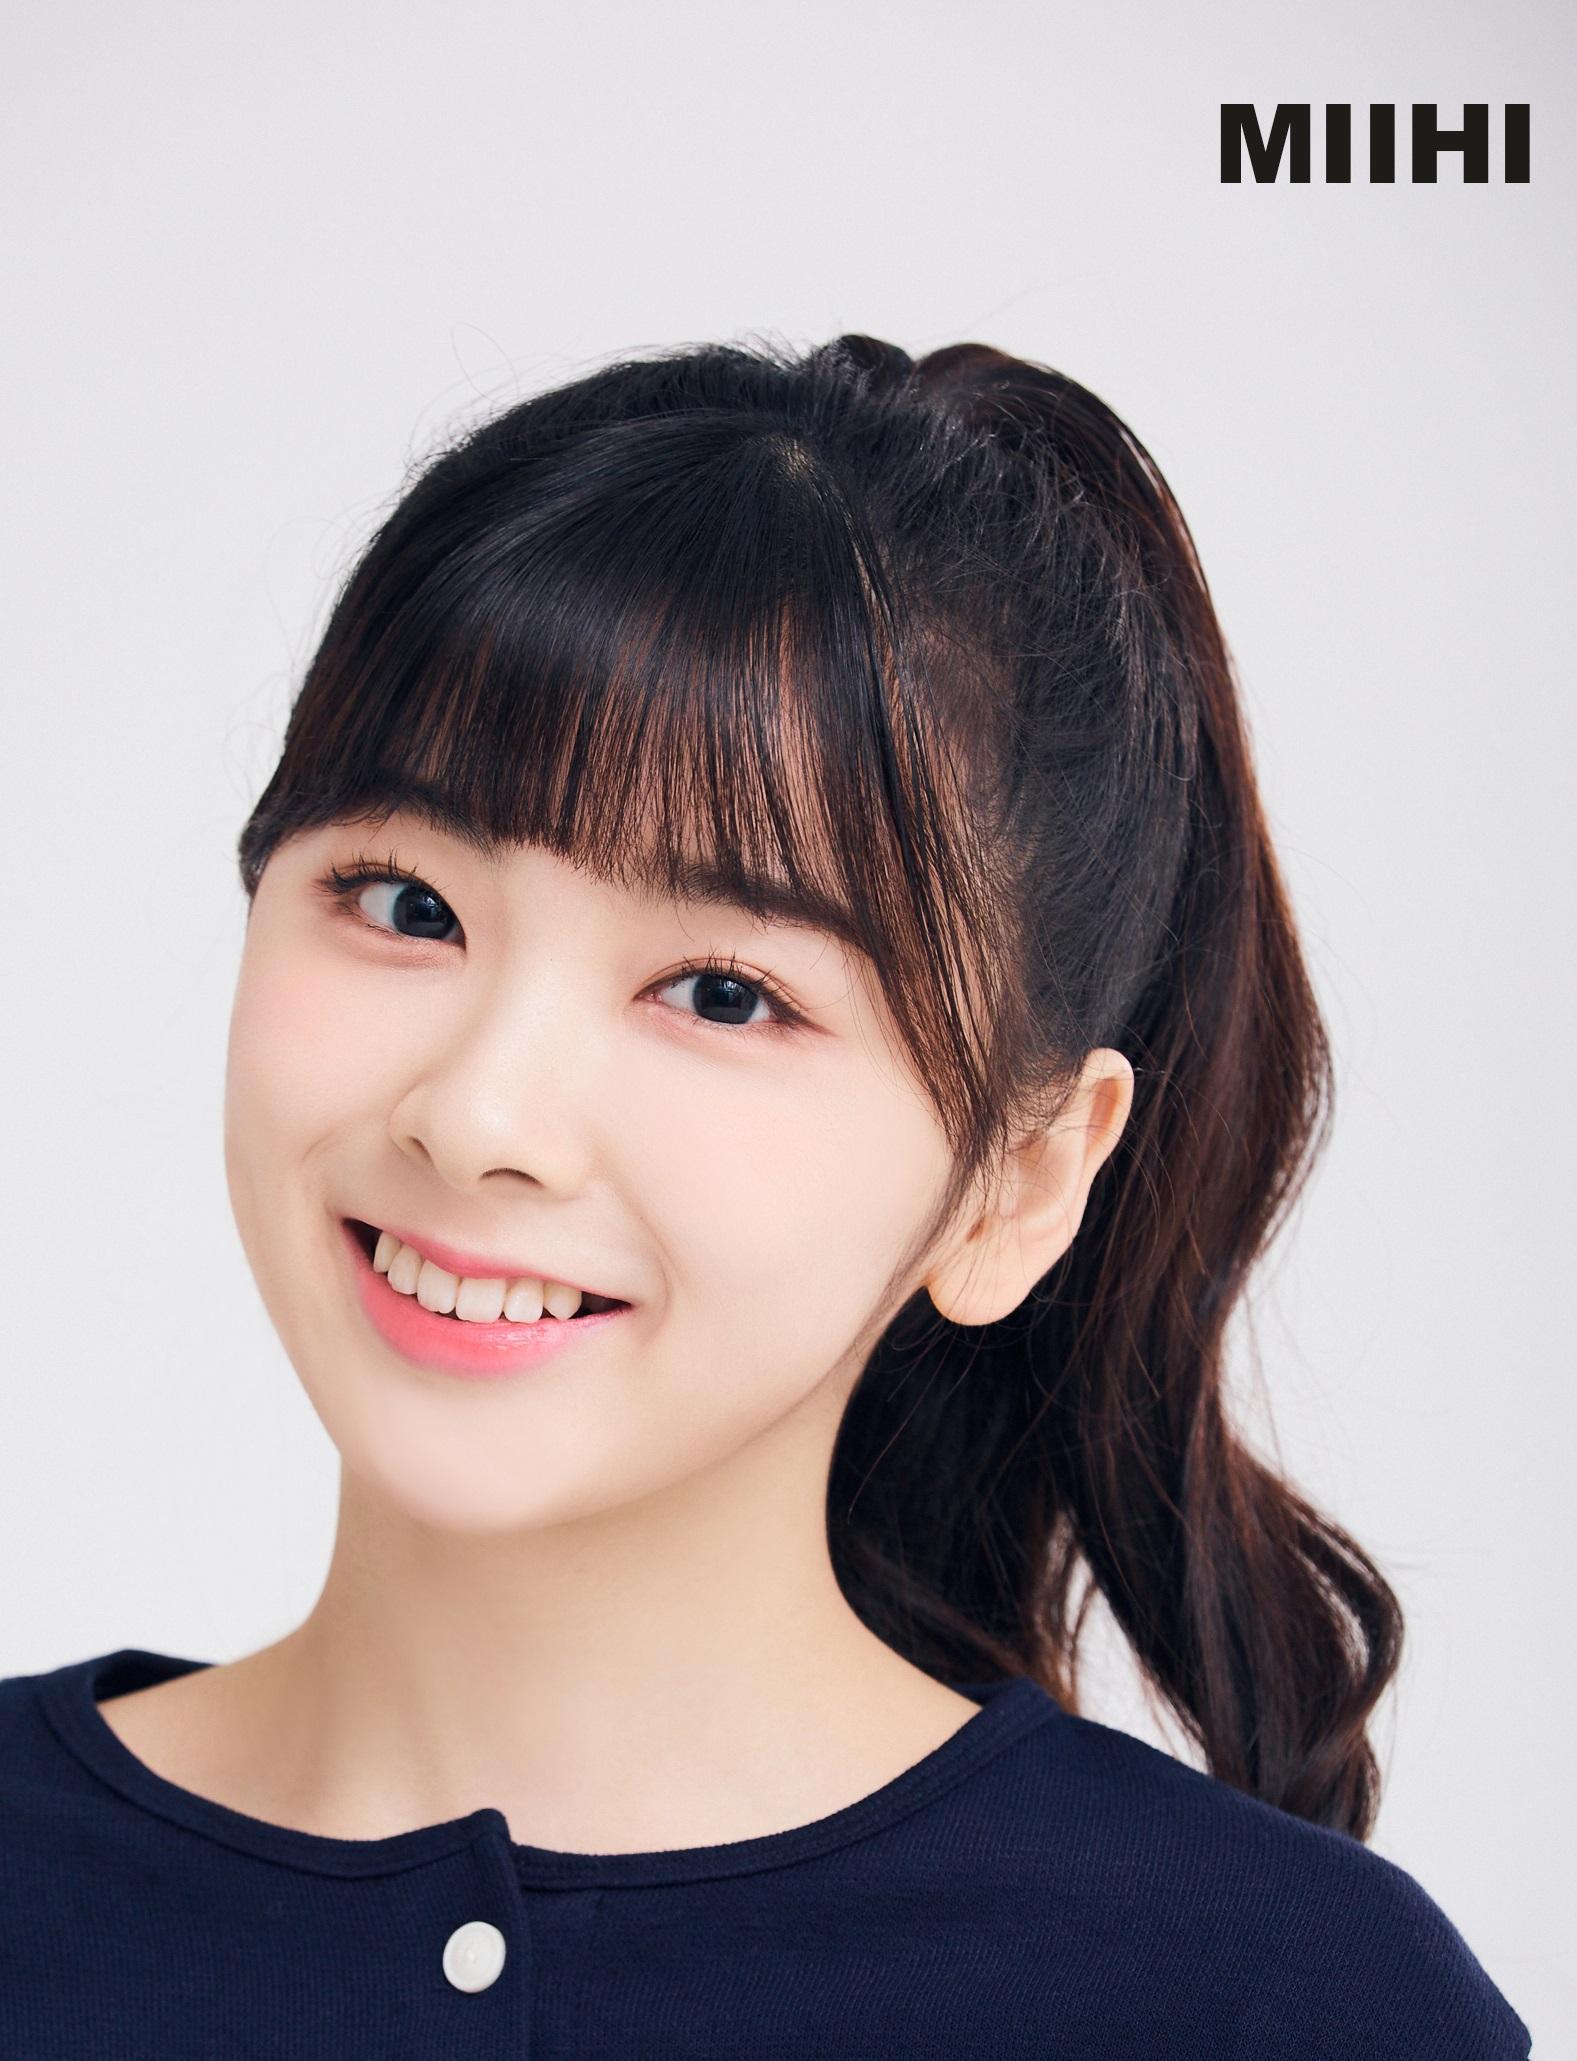 日韓ハーフ 虹プロ 【Nizi Project】ユナのプロフィールや性格!日韓ハーフのJYP練習生と話題に!